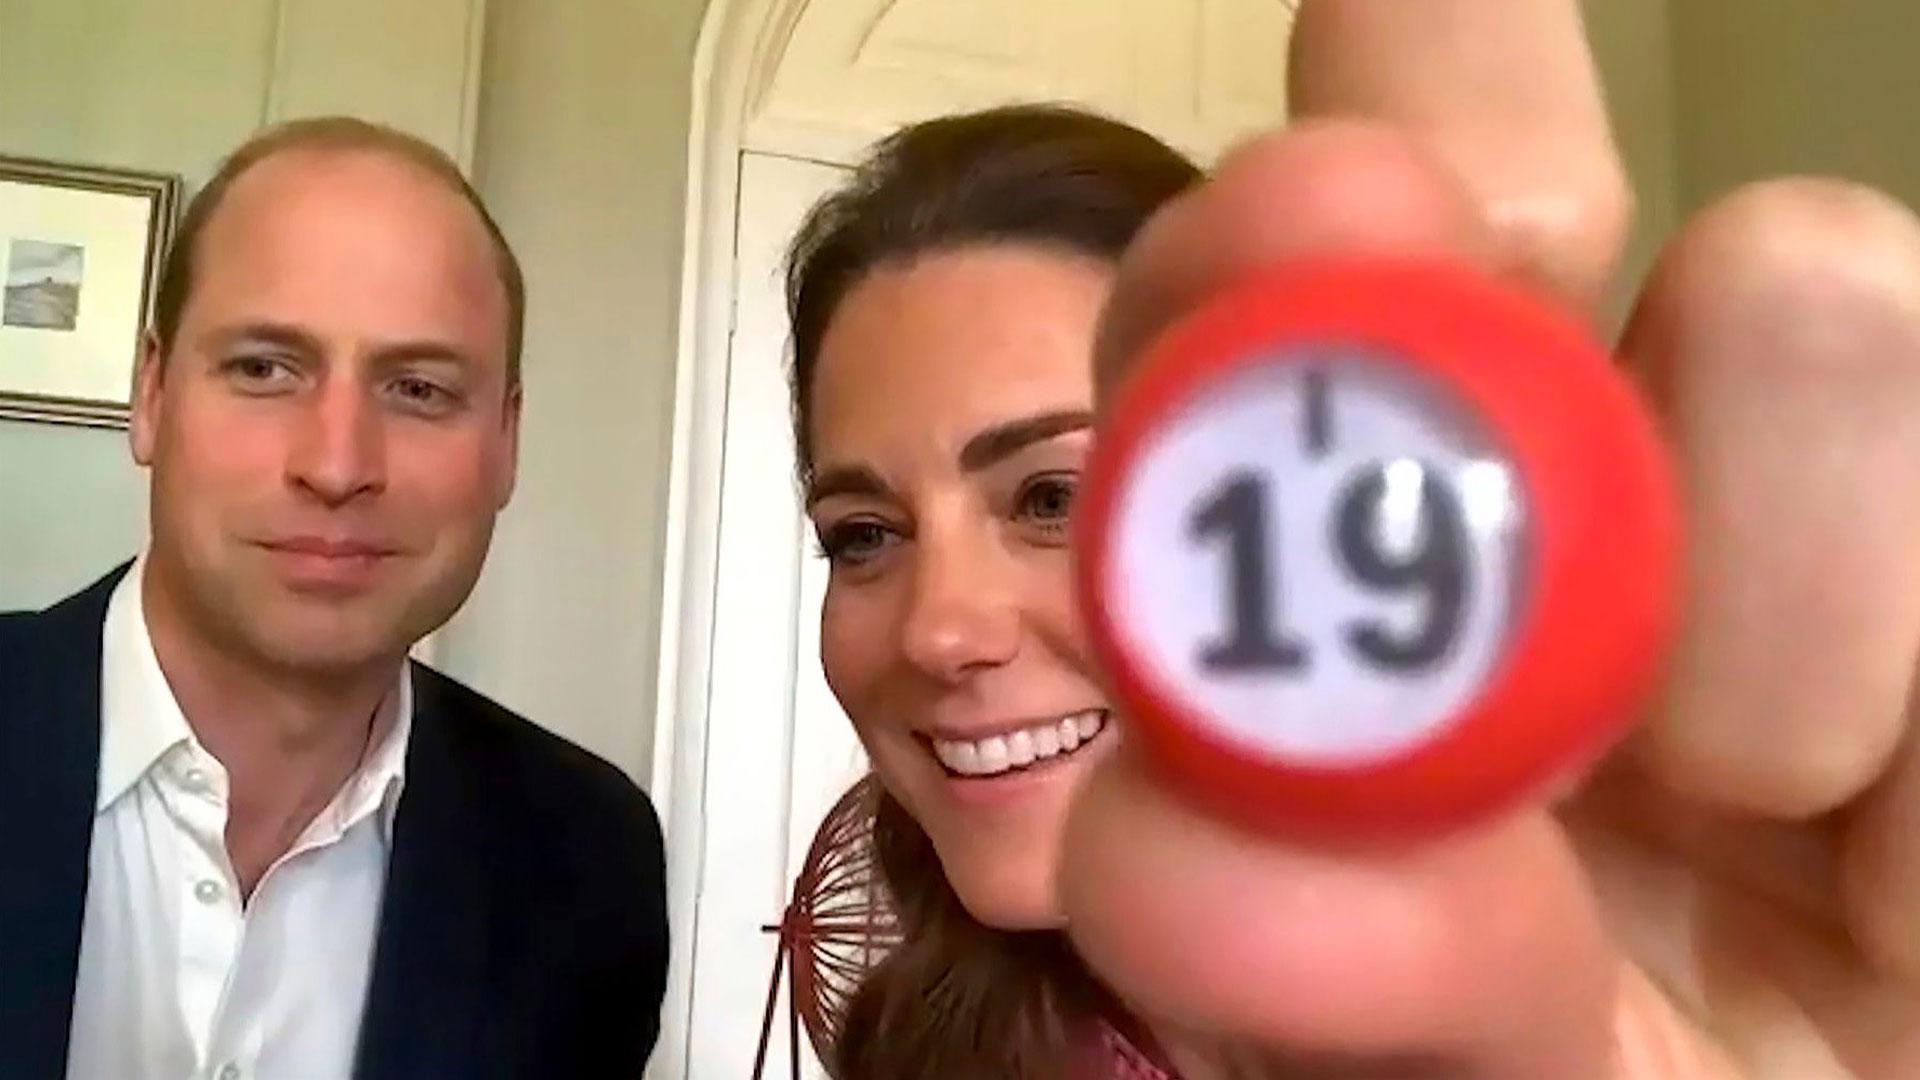 William ja Catherine ovat korona-aikana osallistuneet etäyhteyden avulla monenlaisiin tempauksiin ja tsempanneet kansalaisia.